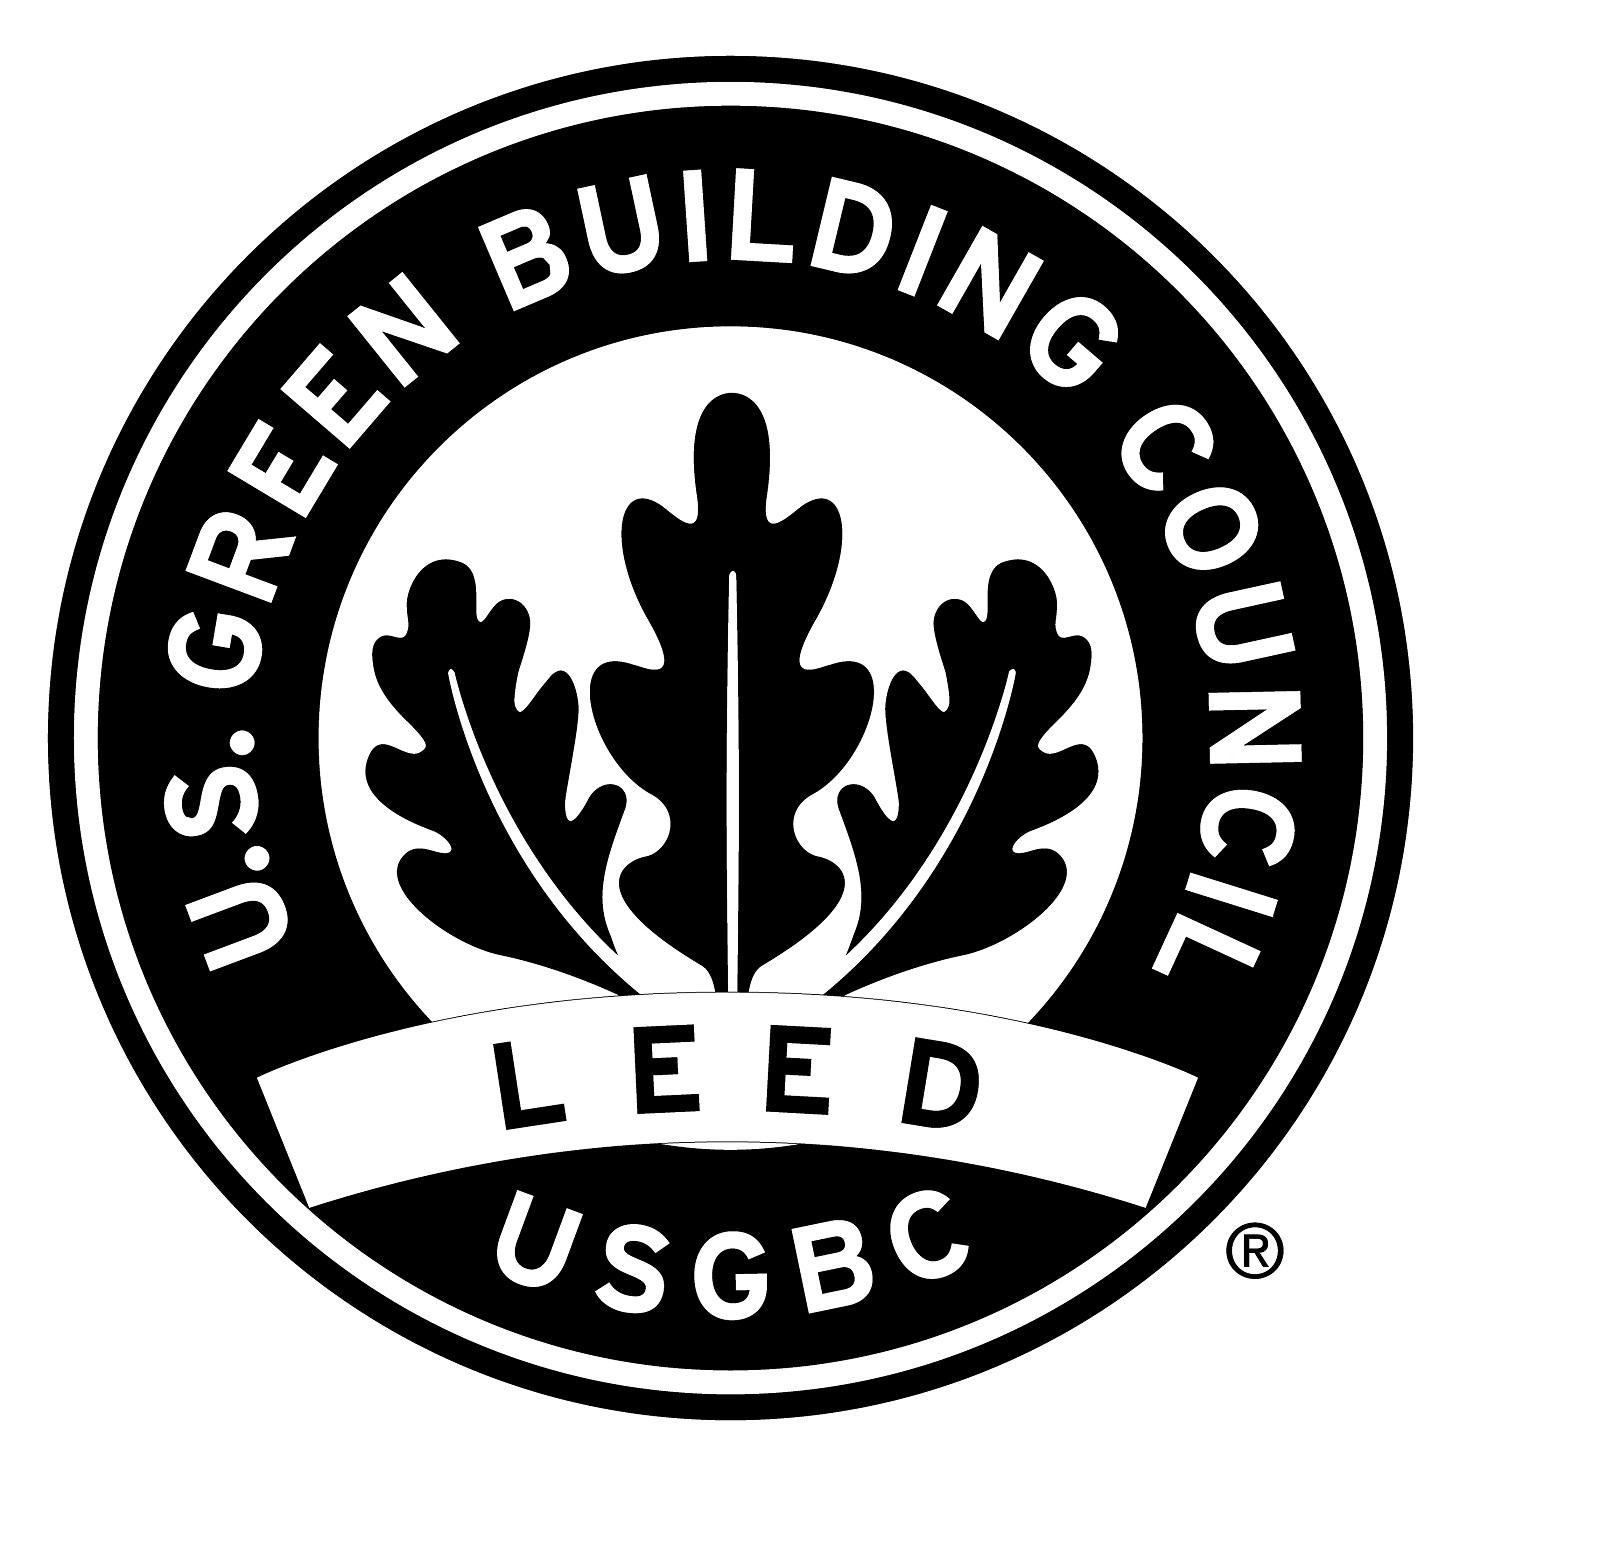 環境性能とエネルギー効率、サスティナビリティの向上に向けて、建物を評価するLEED認証プログラム